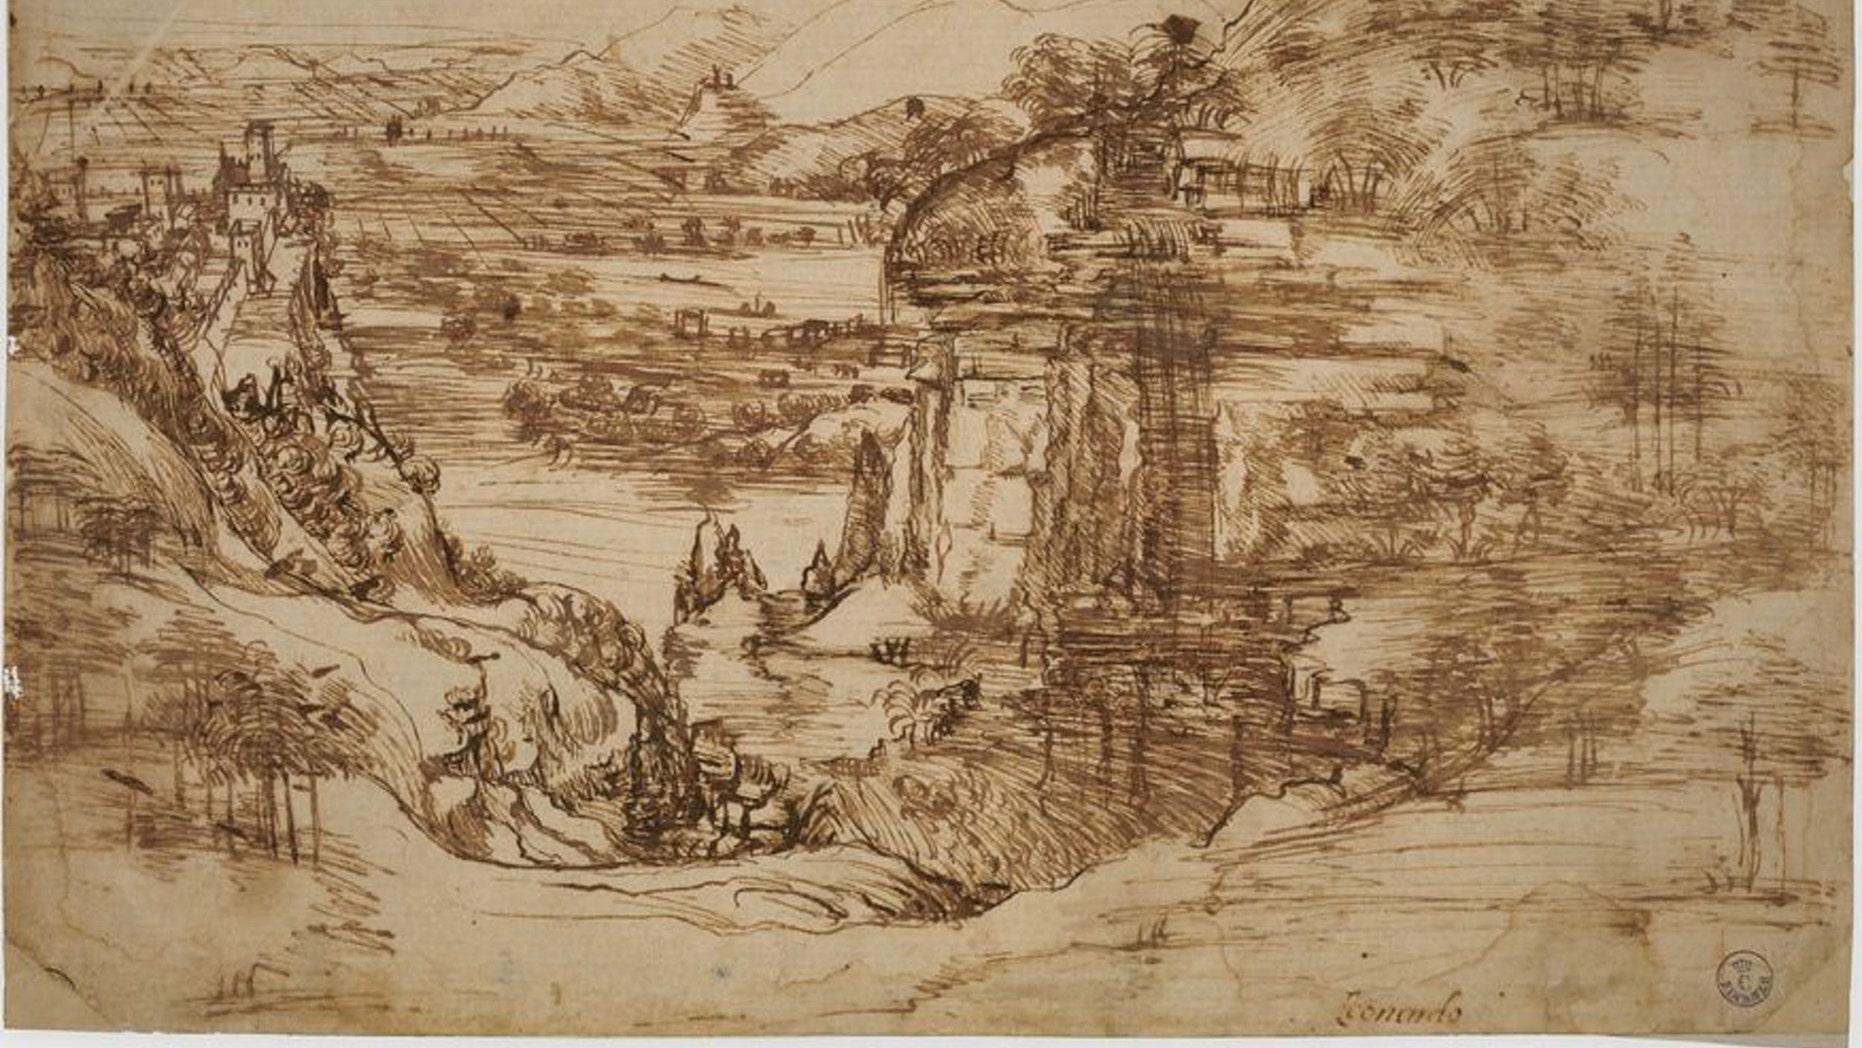 Leonardo da Vinci drew Landscape 8P in 1473, during age 21. (Credit: Opera Laboratori Fiorentini)